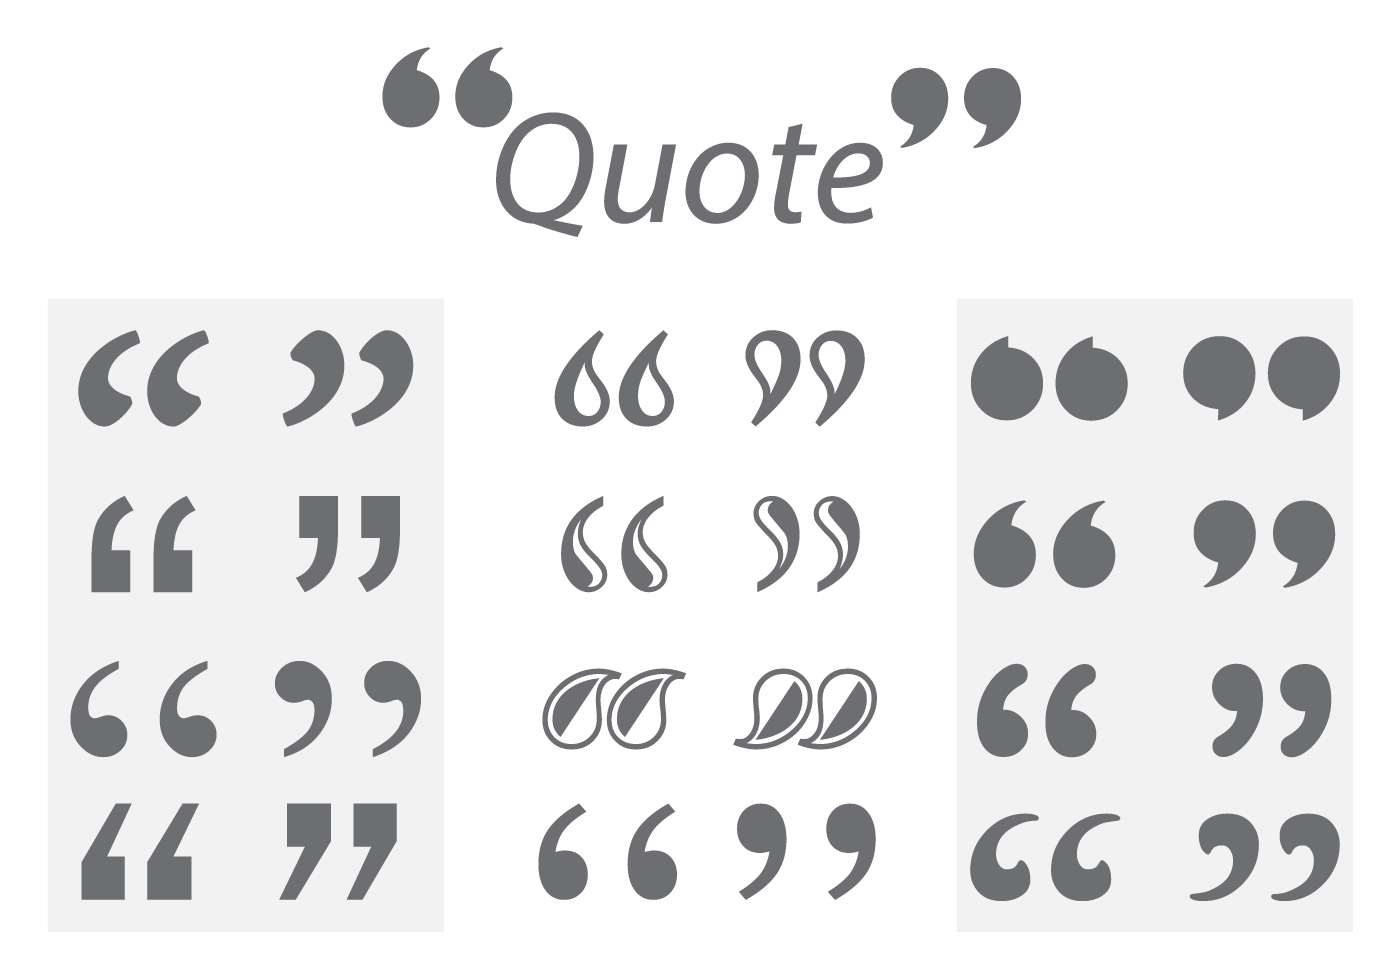 Quotation Mark Vectors